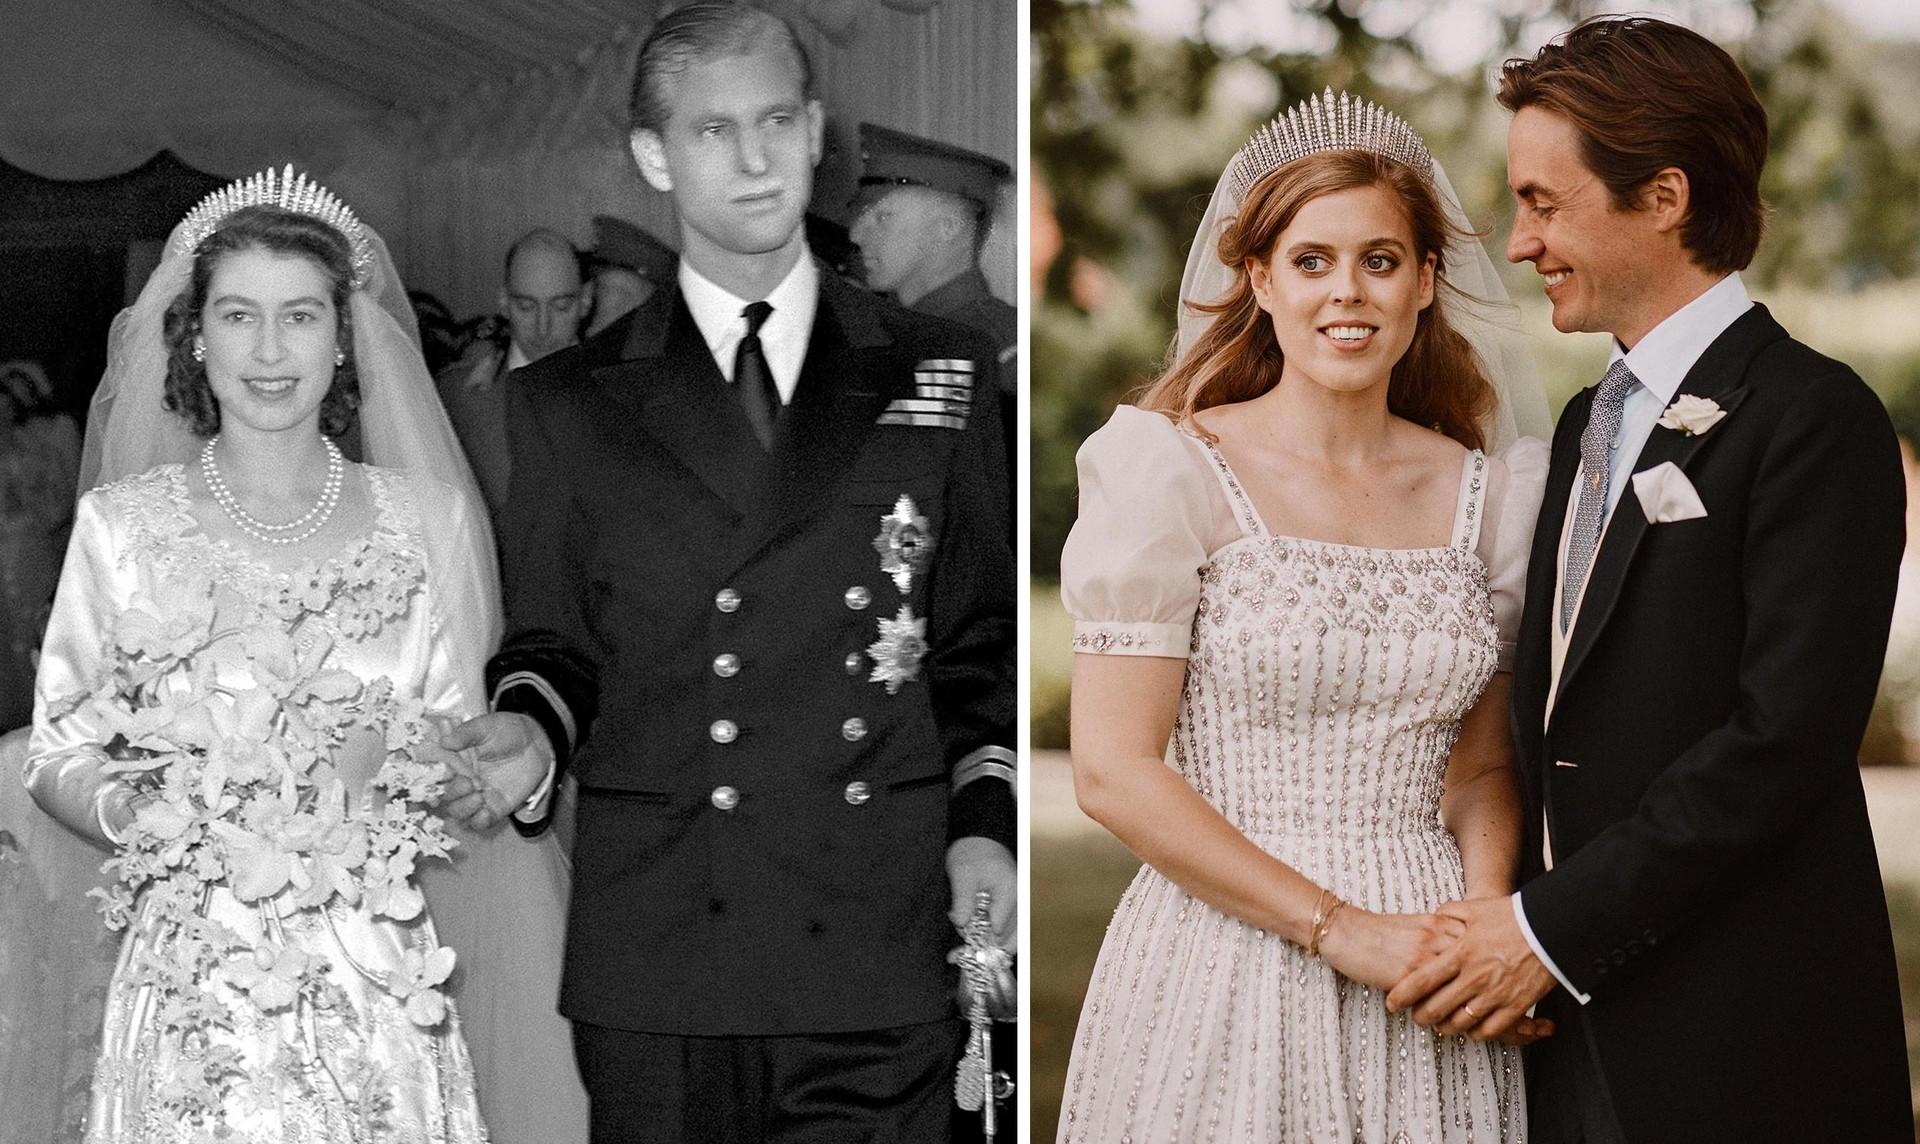 La boda de Isabel II en 1947 y la boda de la princesa Beatrice en 2020.